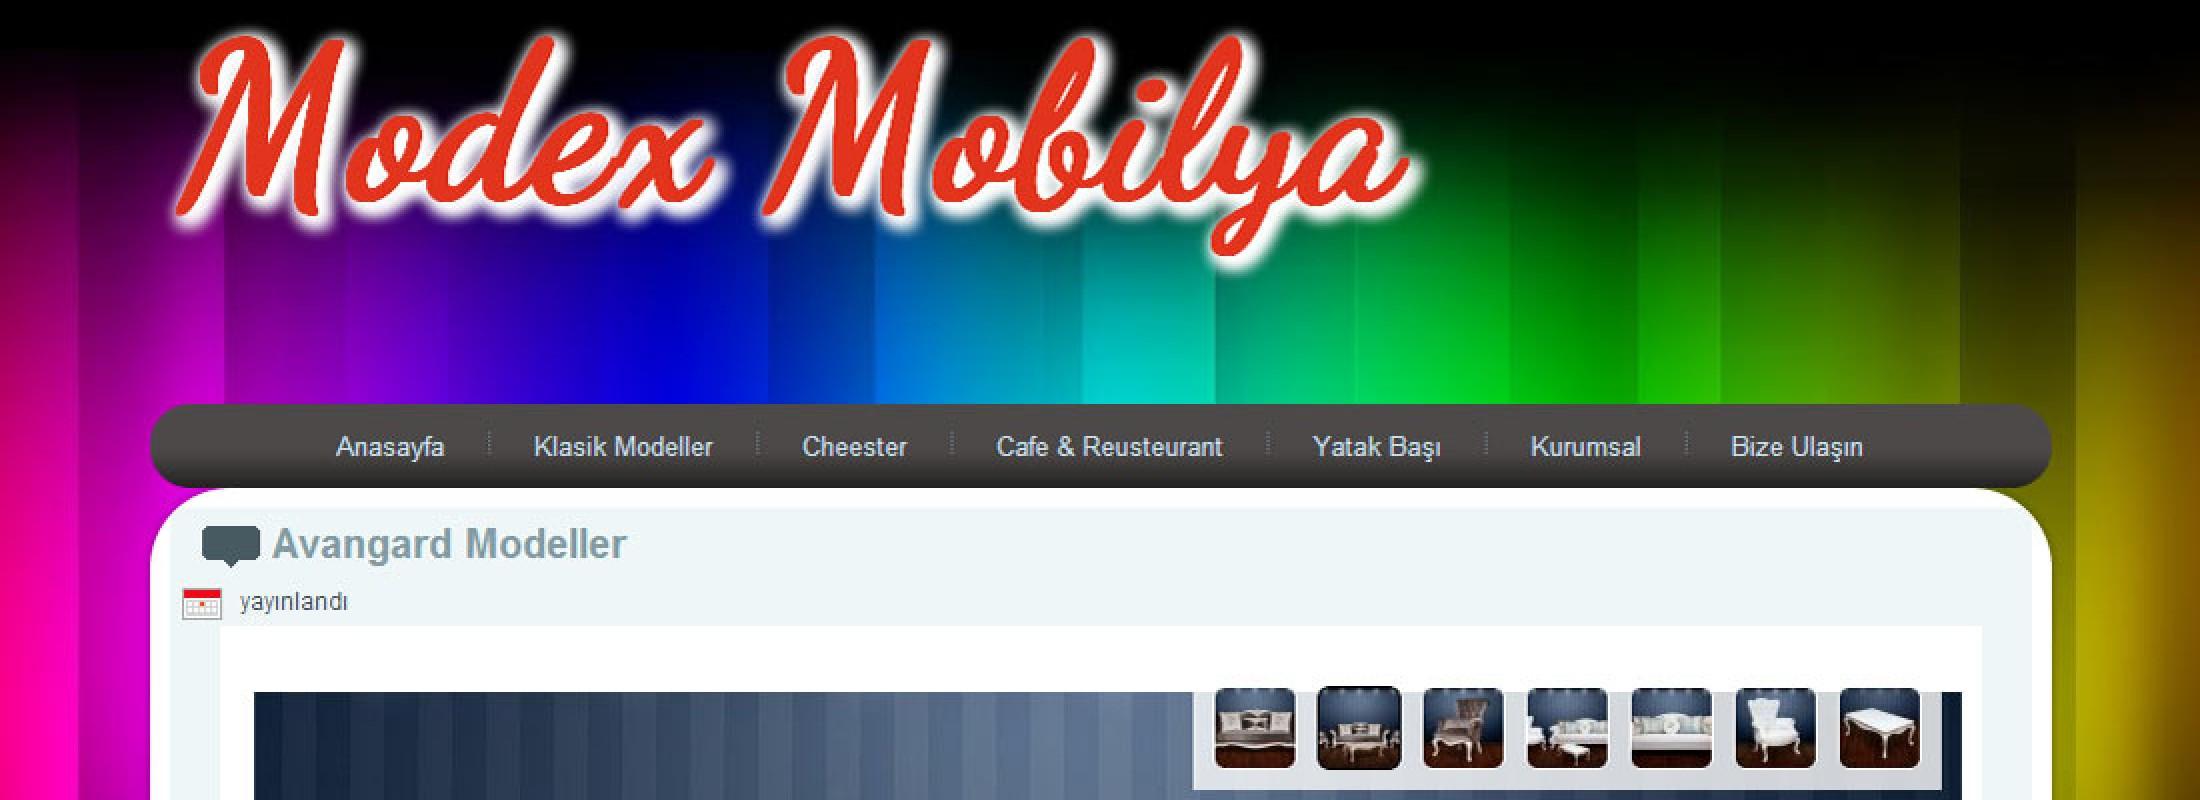 Modex Mobilya